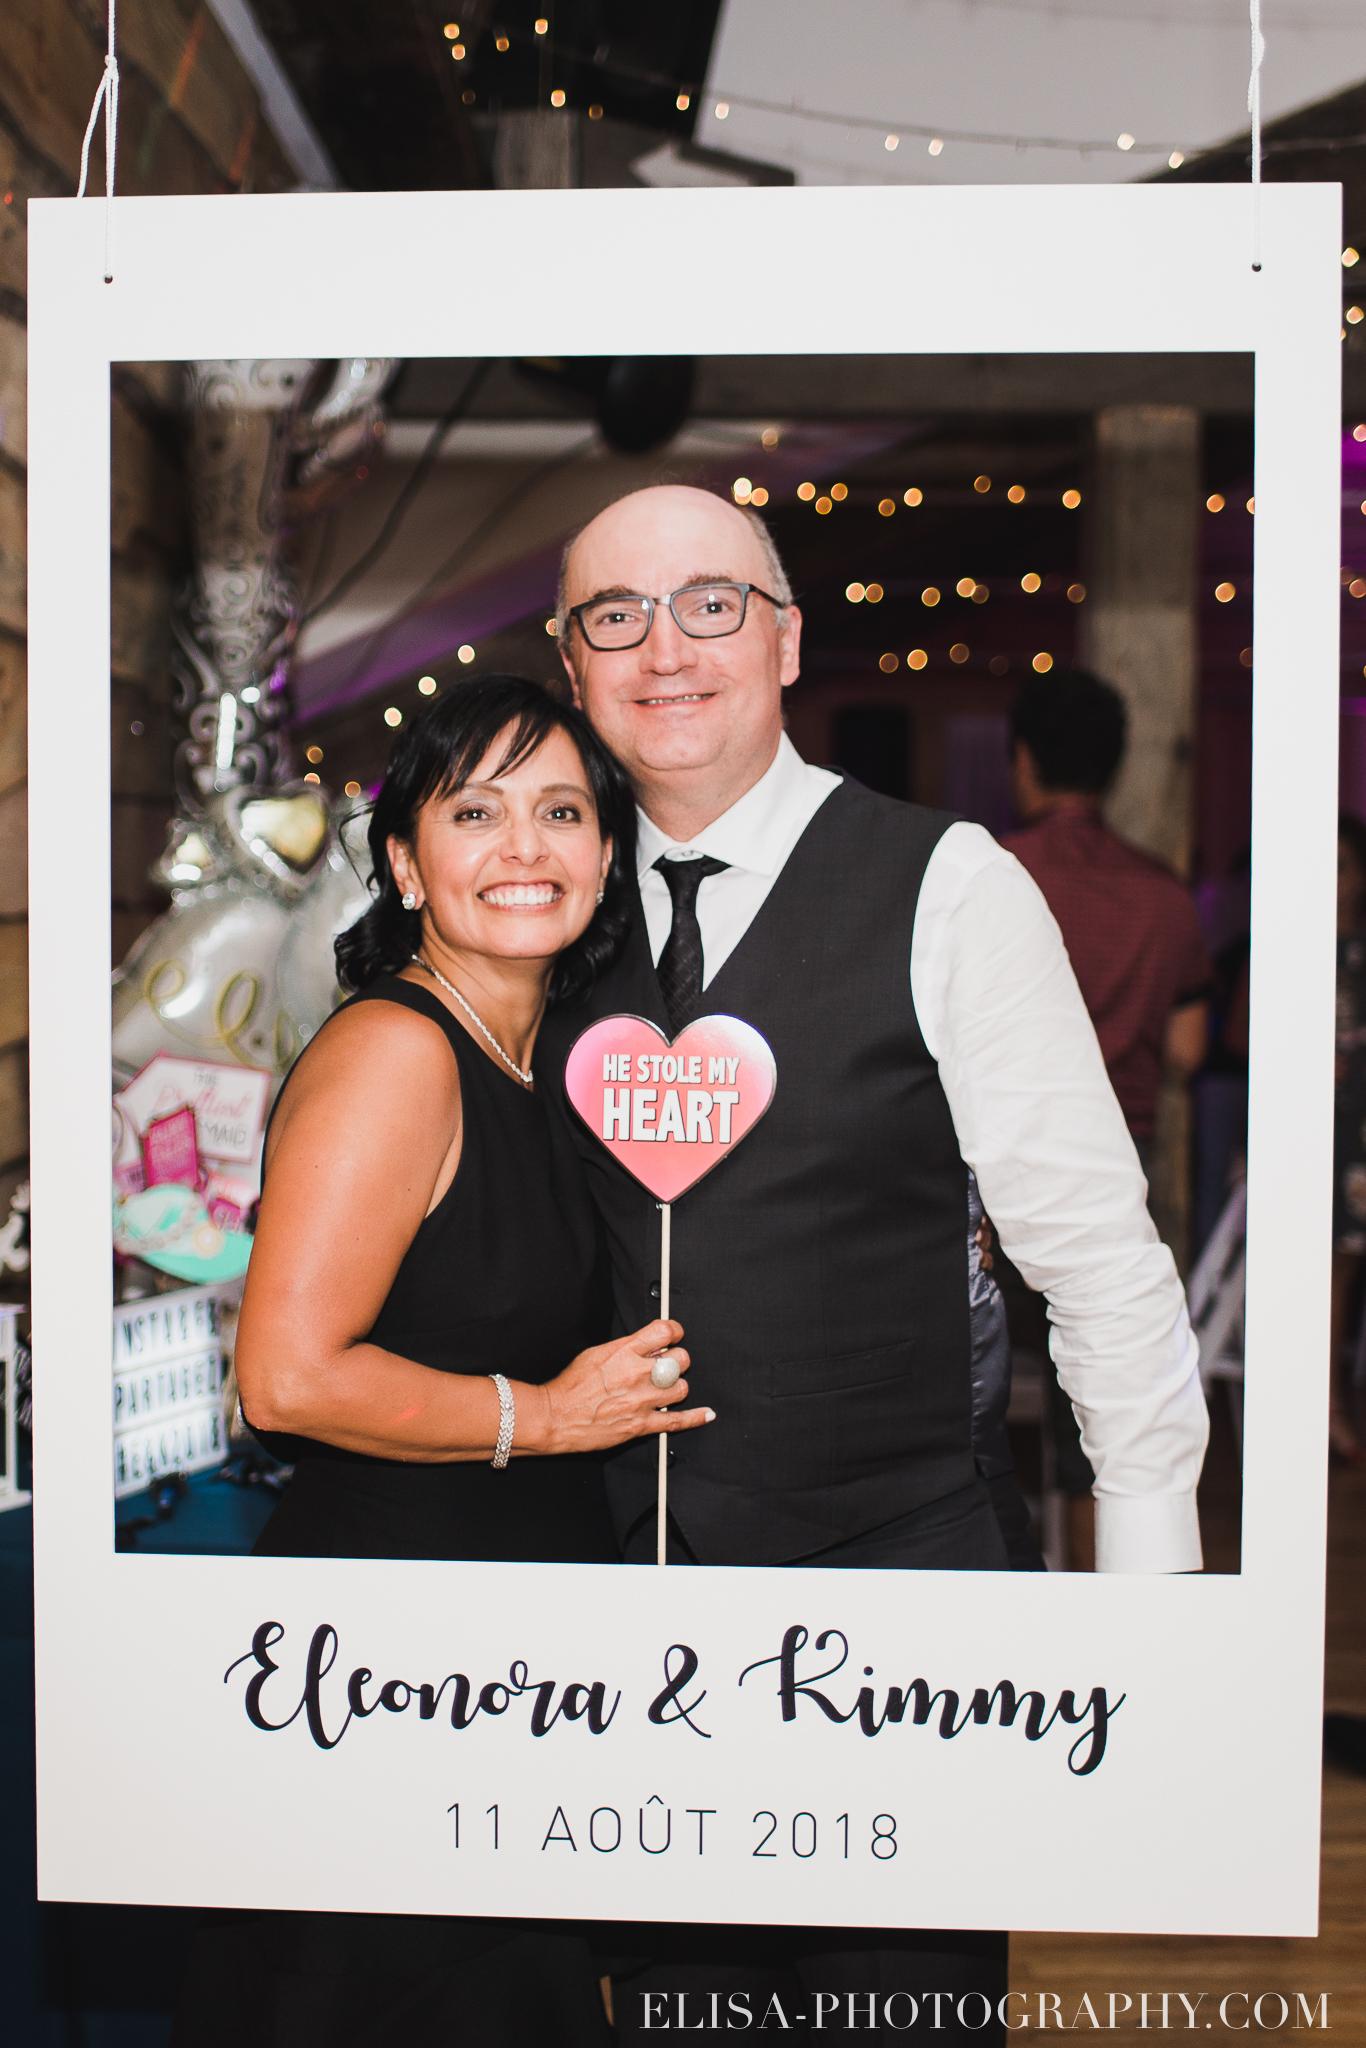 photo mariage grange rouge quebec reception colore rustique photobooth 9420 - Mariage coloré à la grange rouge de Brompton